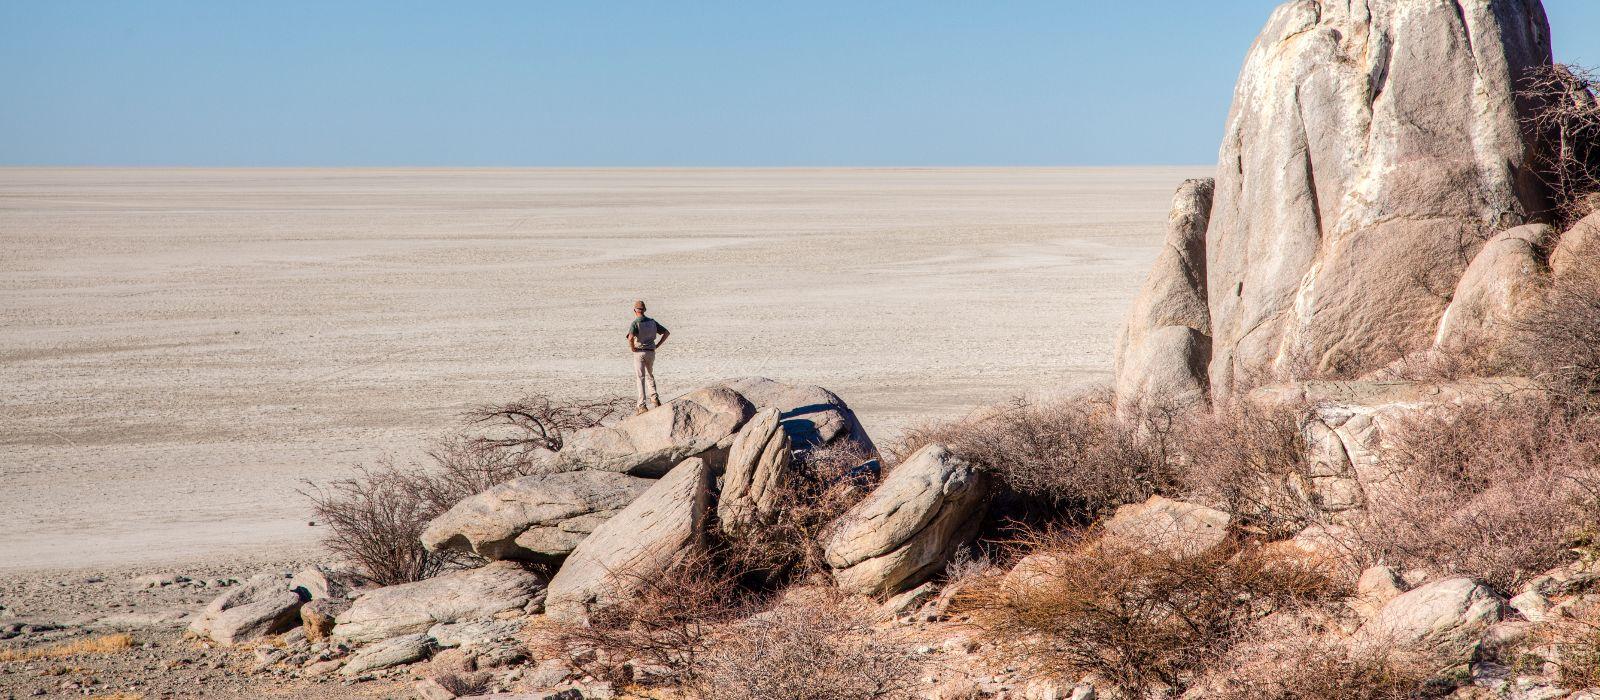 Botswana Luxusreise: Wasserwelten, Wüste & Sternenhimmel Urlaub 1